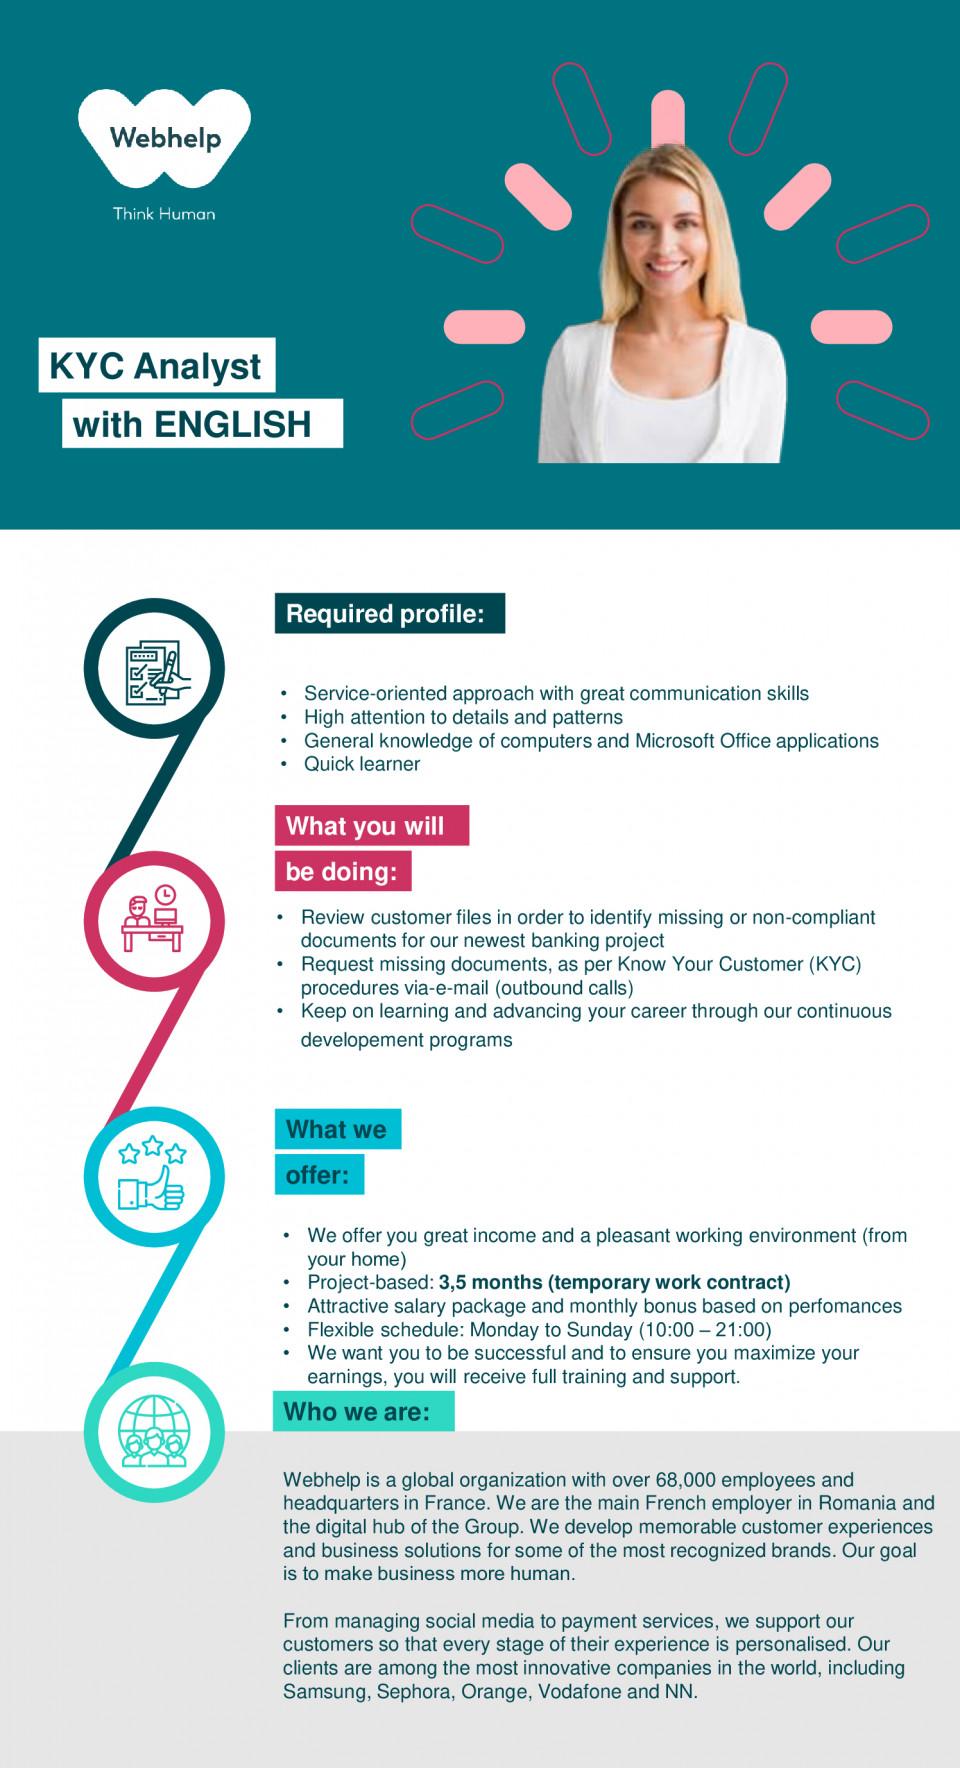 KYC Analyst with ENGLISH  KYC, Customer support, backoffice   Webhelp este un lider global de peste 50.000 de oameni în externalizarea proceselor de afaceri (BPO). Continuăm să ne specializăm în experiența clienților, dar capacitățile noastre se extind pe canale vocale, sociale și digitale. Serviciile Webhelp externalizate s-au extins și pentru a include servicii de gestionare a plăților, vânzări și marketing.Proiectăm experiențele clienților în numele unora dintre cele mai progresive mărci din lume și, prin propunerea noastră de externalizare transformativă, putem stimula îmbunătățirea performanței, oferim o transformare reală și durabilă în modelele de operare ale clienților și oferim un avantaj financiar semnificativ.De la înființare, Webhelp a crescut semnificativ, peste 500 de parteneri fiind deserviți de echipele noastre globale care traversează 35 de țări și peste 140 de centre de experiență pentru clienți. Numai în ultimii patru ani, veniturile Webhelp au crescut cu peste 250%. Am realizat acest lucru investind în oamenii noștri și în mediul în care lucrează și dezvoltând capacitatea analitică și operațională pentru a oferi externalizare cu adevărat transformatoare cu soluții care să răspundă provocărilor unei lumi omnicanale.La Webhelp lucram ca o singura echipa pentru un succes comun, suntem pozitivi si cautam continuu sa uimim oamenii cu care lucram. Toata lumea din echipa are un rol foarte important de jucat in succesul si cresterea Webhelp. Lucram in echipa, intr-un mediu placut, ne folosim inteligenta si facem totul: de la a ne ajuta clientii sa construiasca experiente mai inteligente, mai bune, umane ale clientilor, pana la moderarea retelelor lor sociale pentru ei si furnizarea de servicii de plata.Ne tinem de cuvant si ne indeplinim fiecare angajament sau promisiune pe care o facem clientilor Webhelp, fapt pentru care am devenit un partener strategic de succes. Suntem creativi si inovatori, indraznim sa testam noi abordari si ne pastram mintea desch